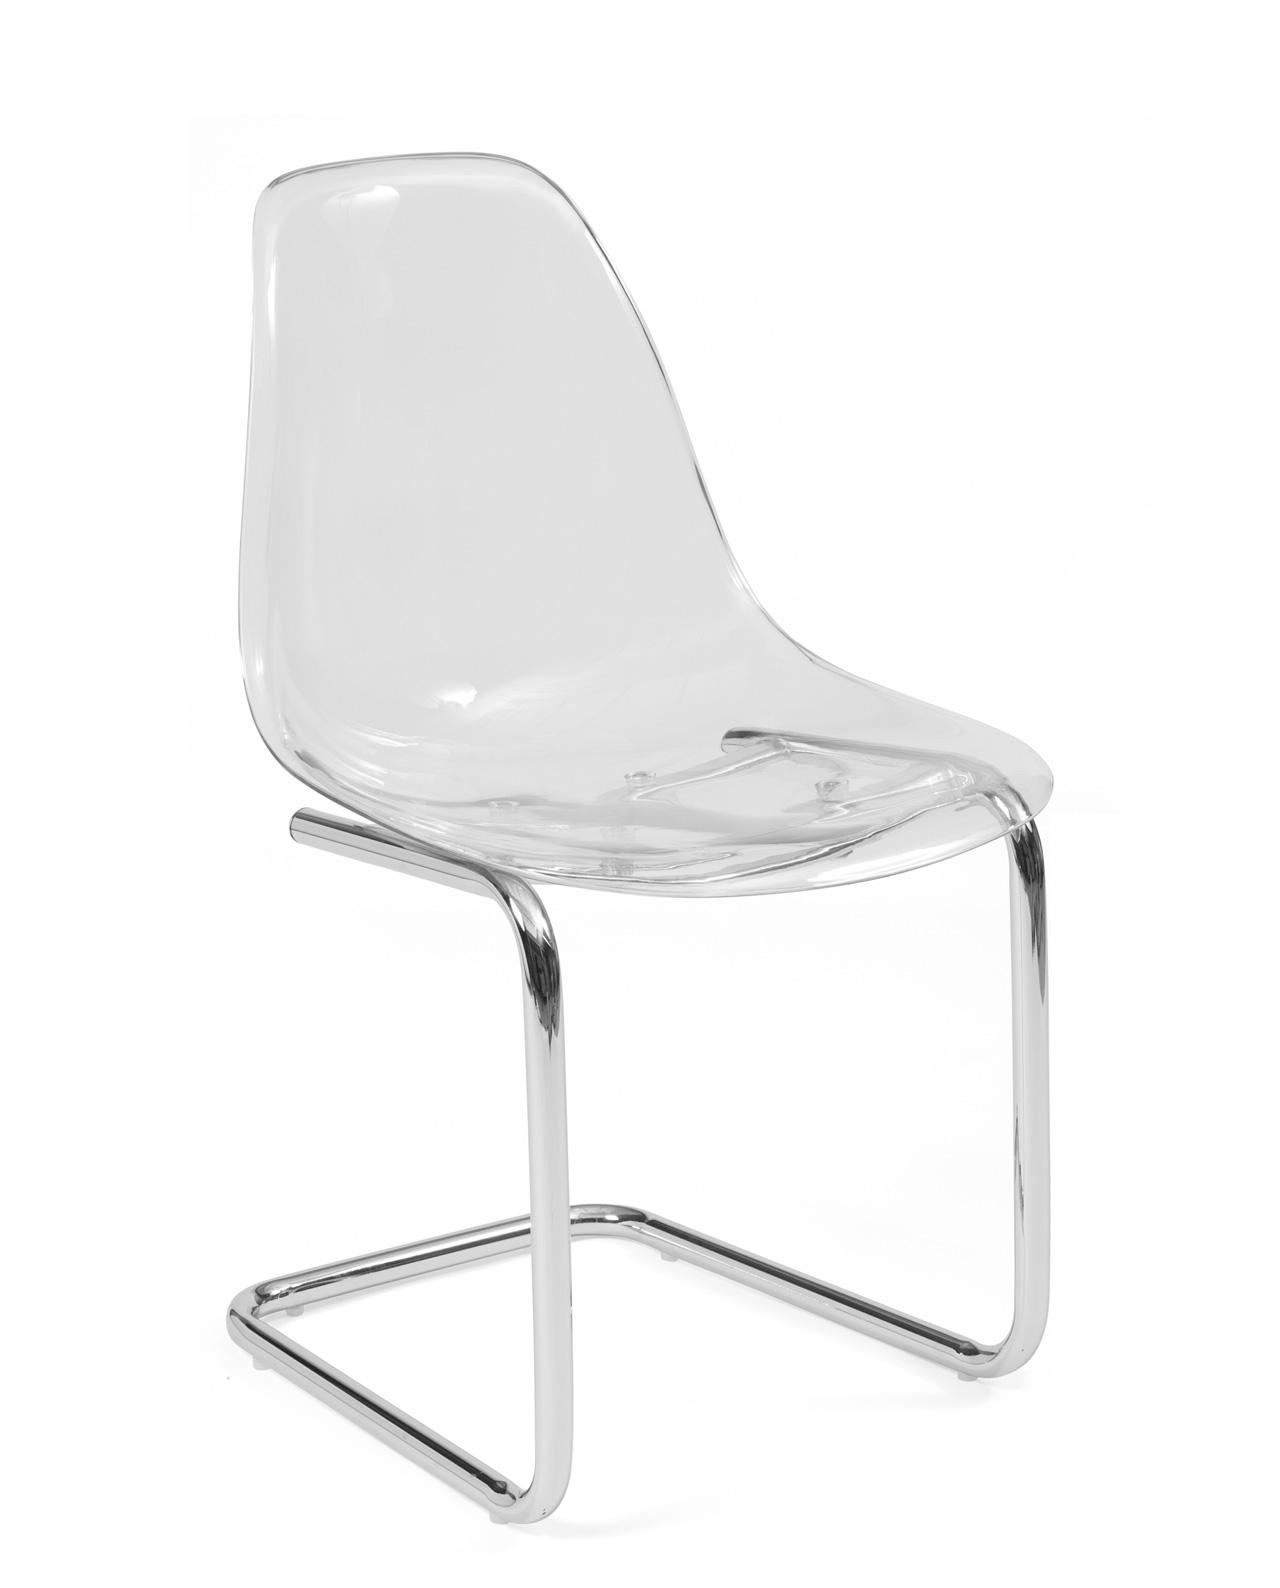 chaise transparente pied chrome meo lot de 2